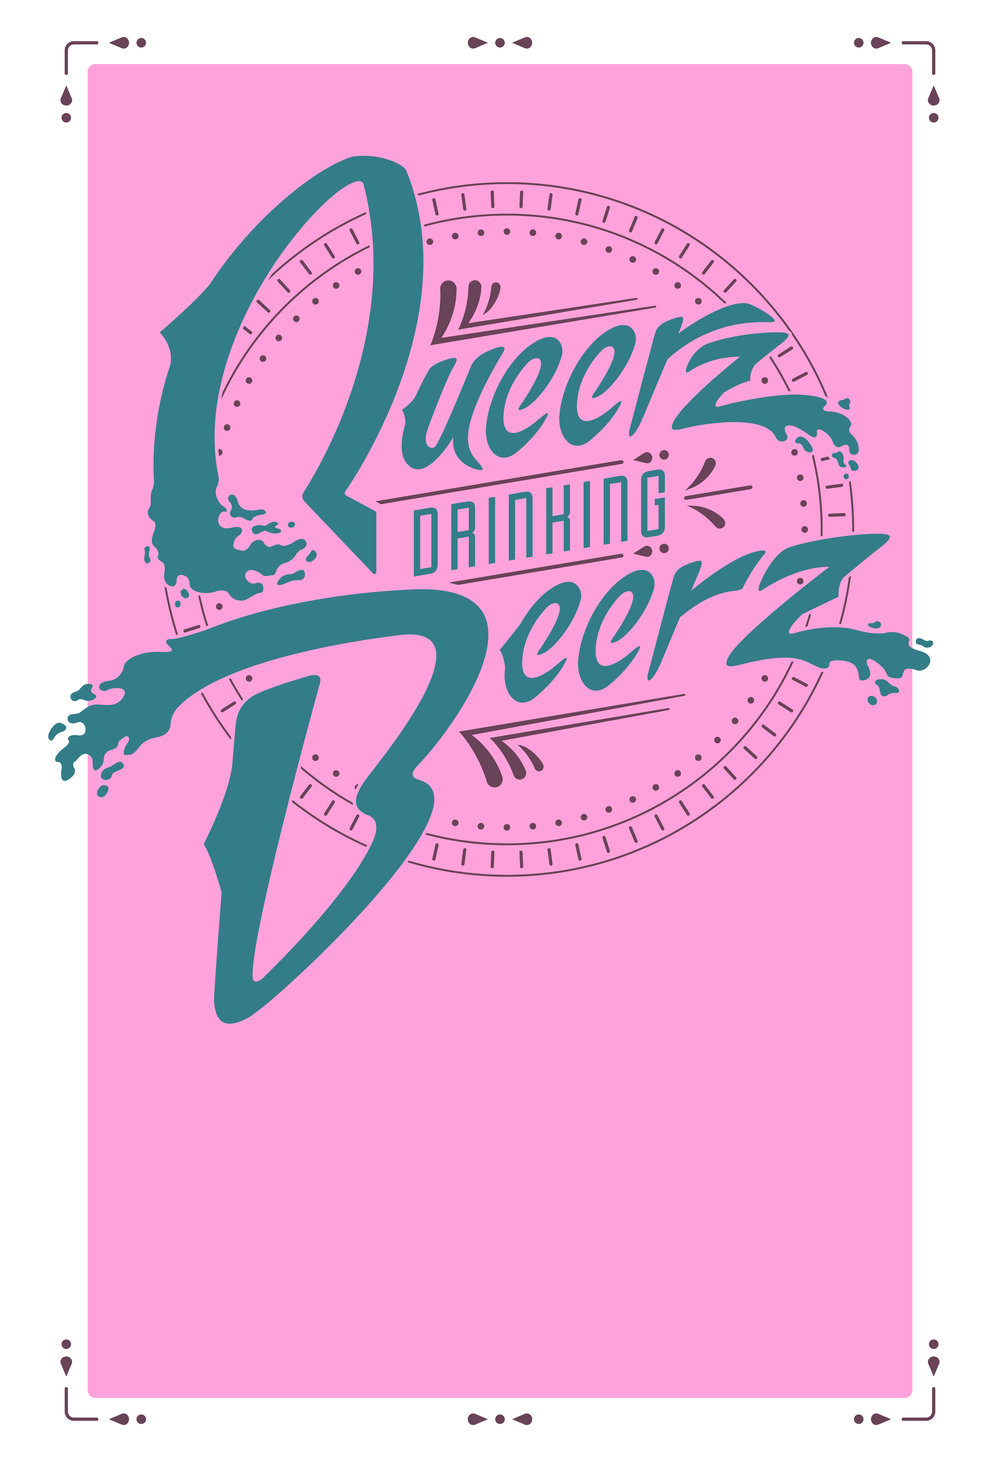 QUEERZ DRINKING BEERZ_FINAL_PRINT_FLAT PINK BG.jpg